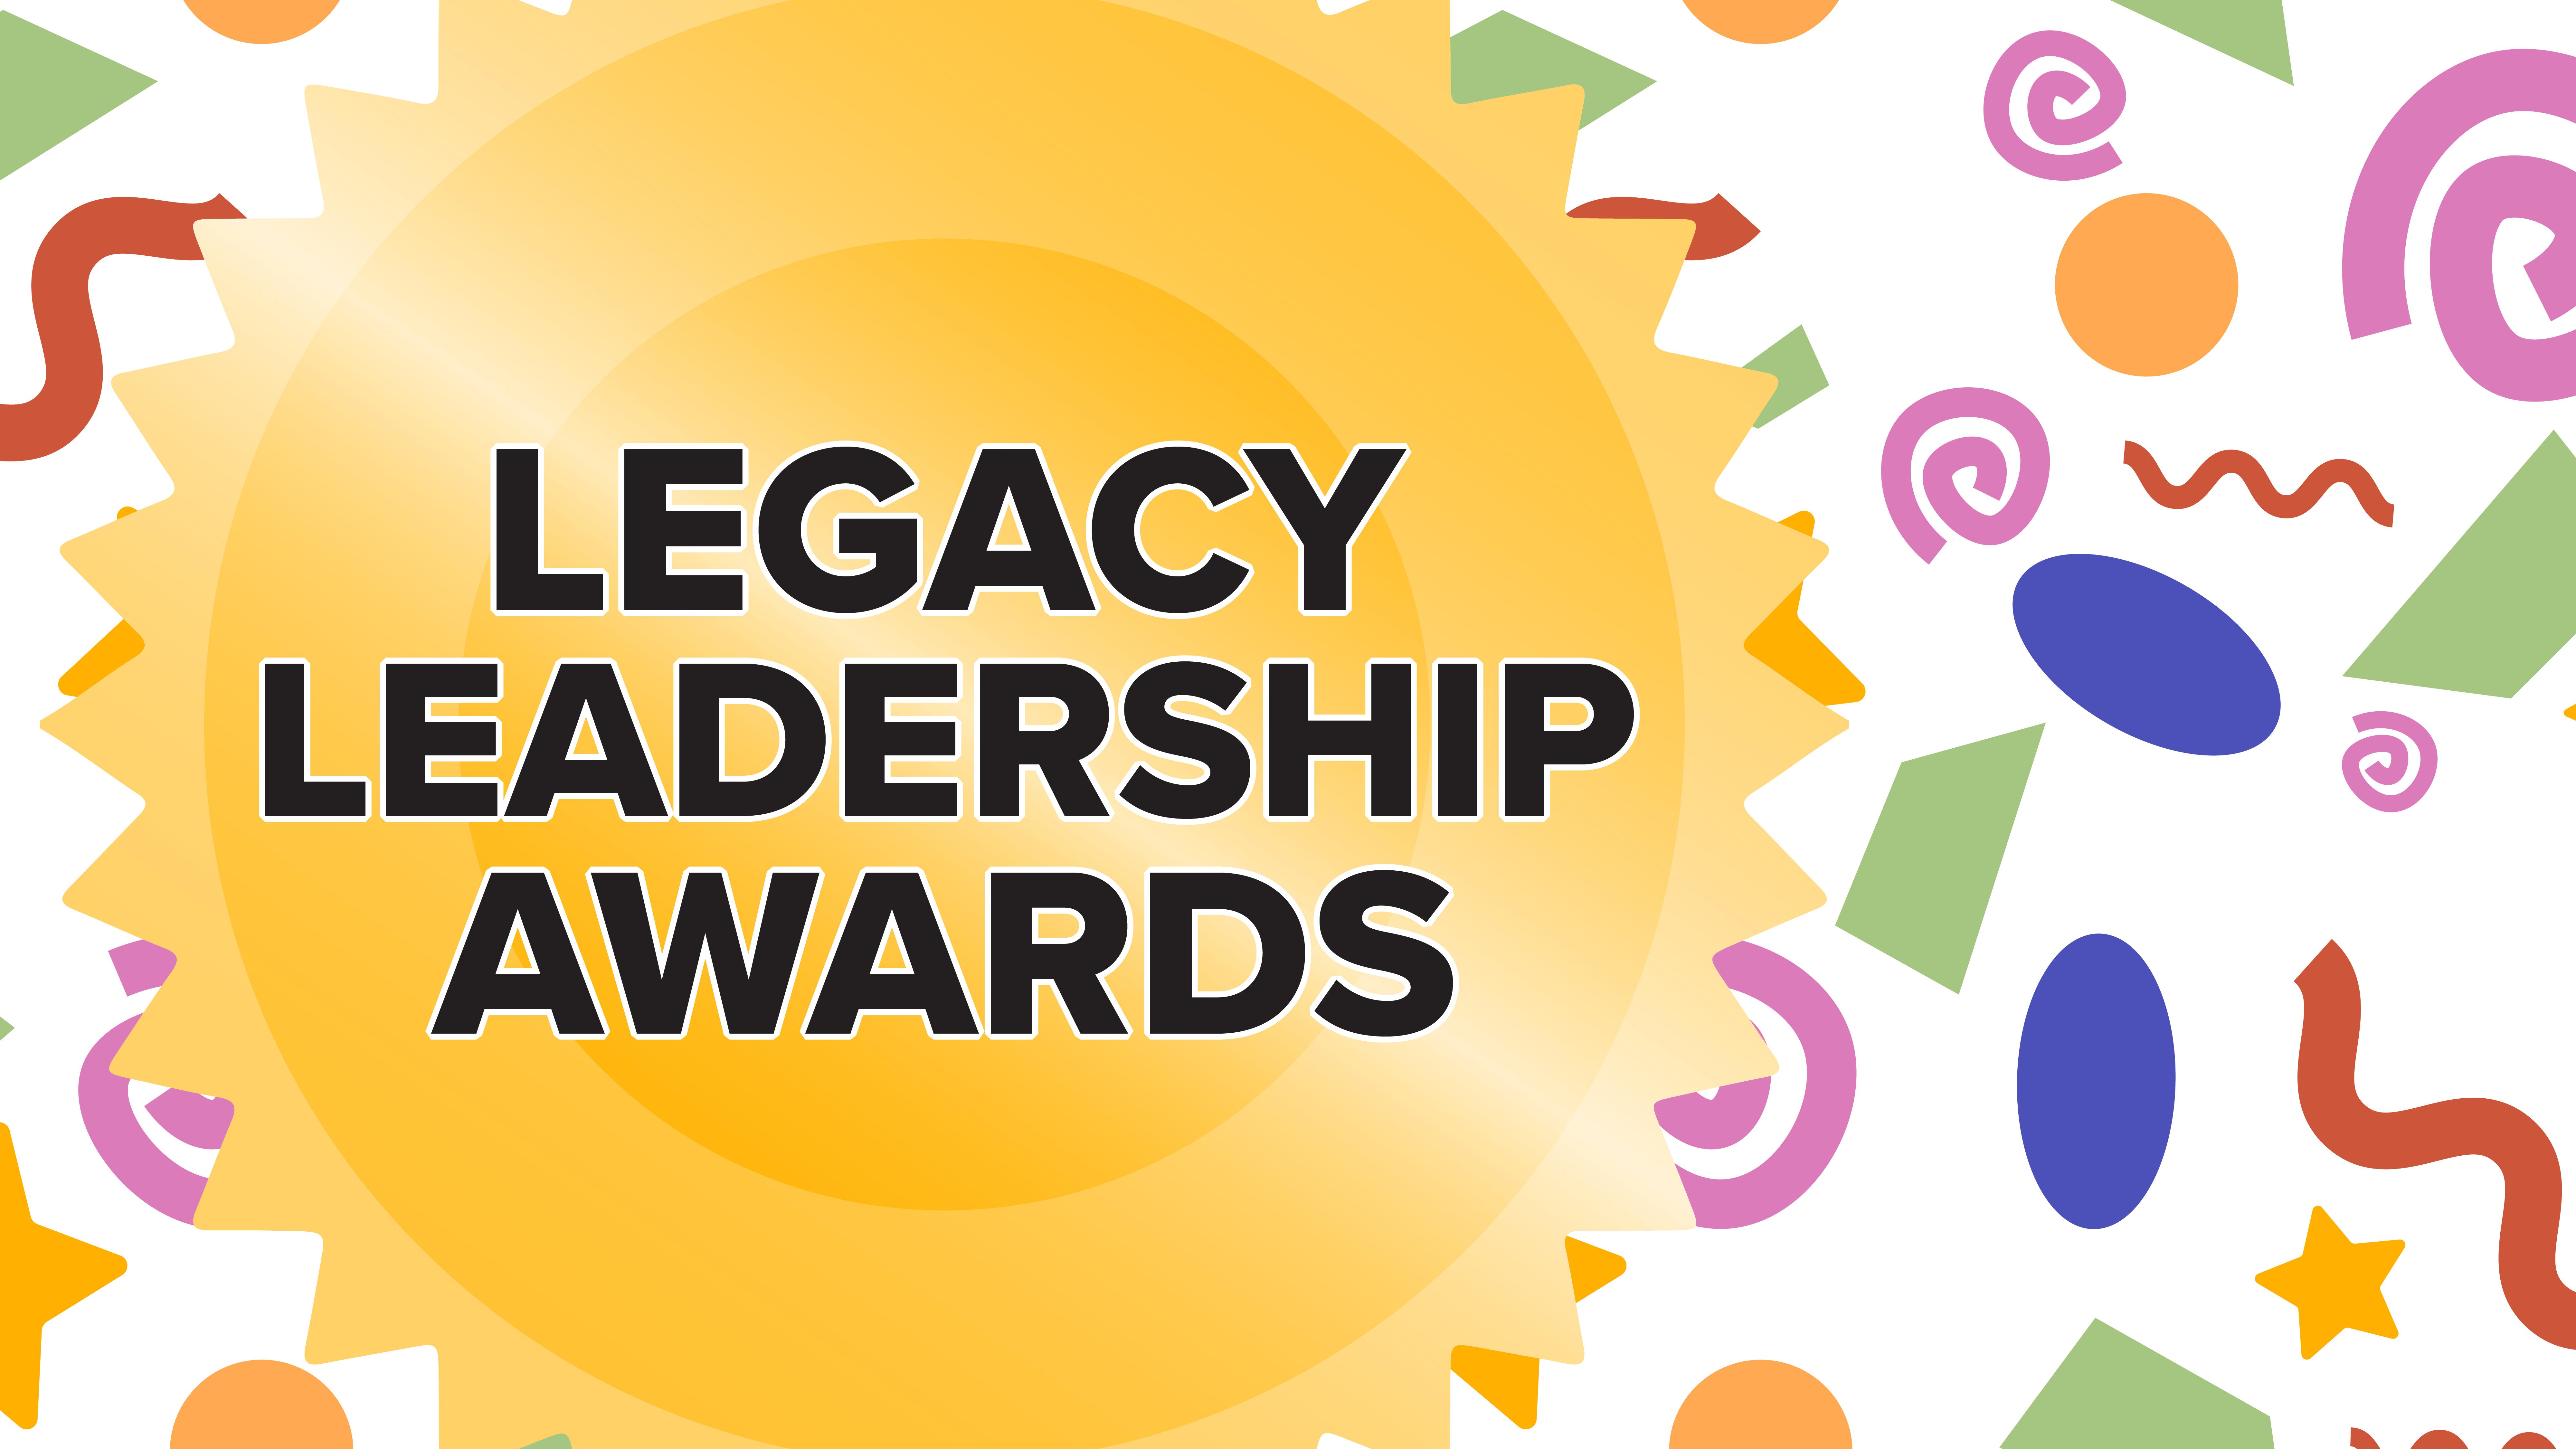 Legacy Leadership Awards; background image of colorful geometric shapes